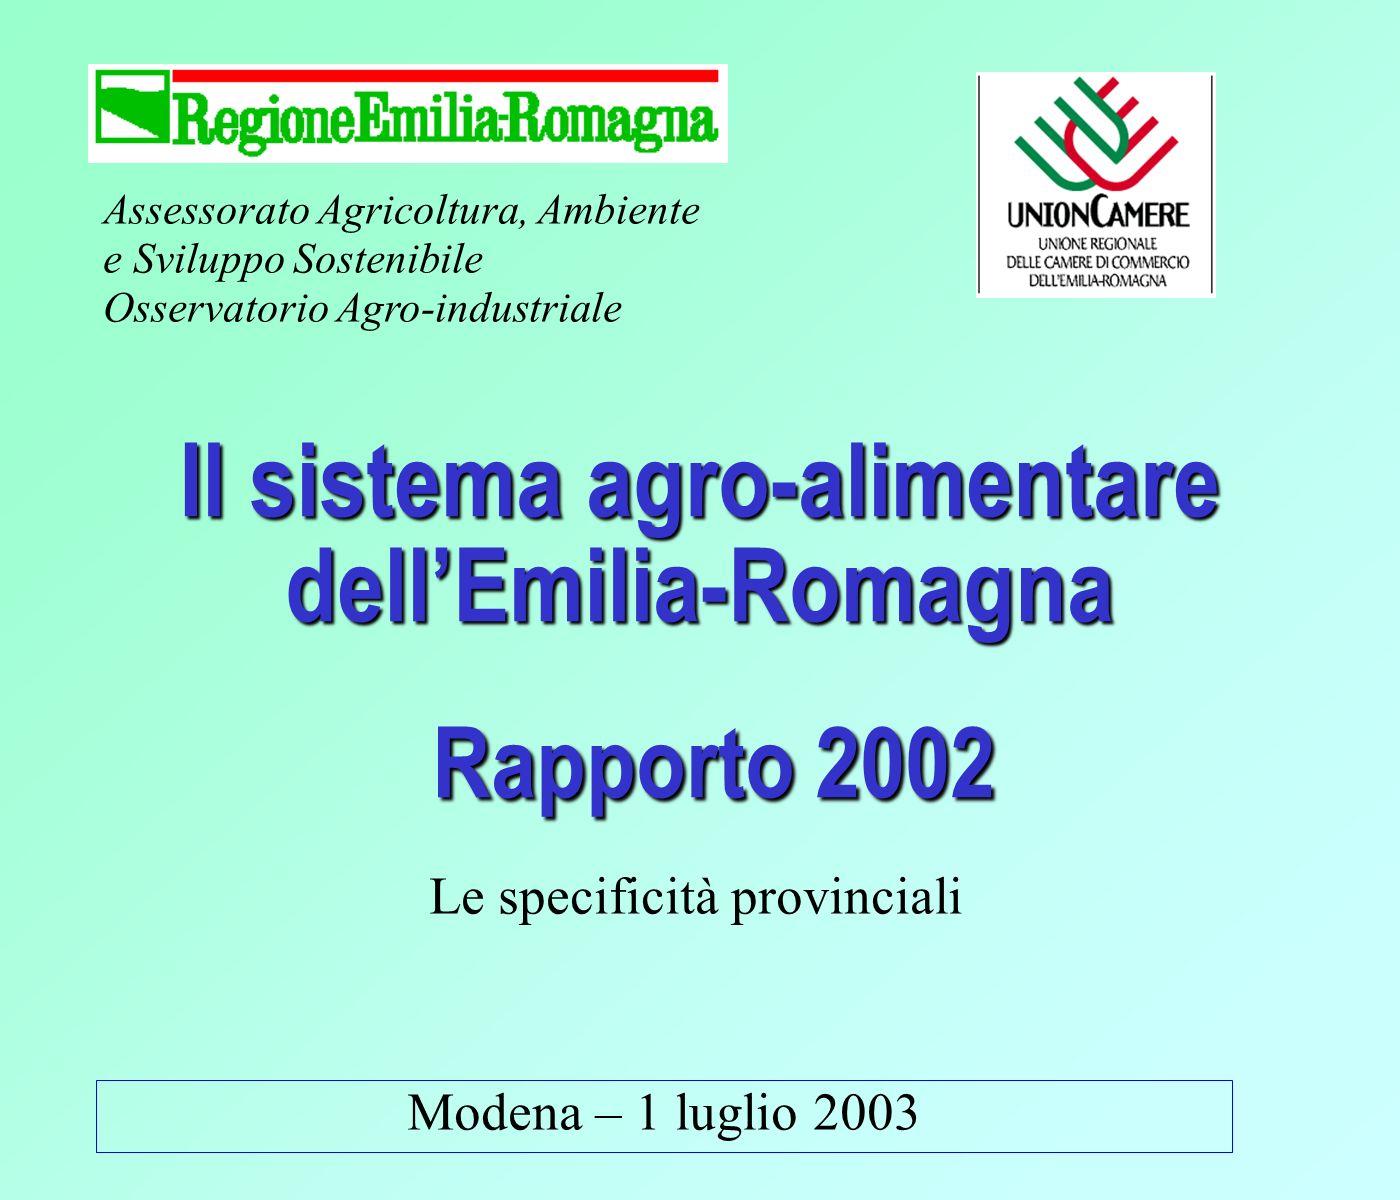 Assessorato Agricoltura, Ambiente e Sviluppo Sostenibile Osservatorio Agro-industriale Modena – 1 luglio 2003 Il sistema agro-alimentare dellEmilia-Romagna Rapporto 2002 Le specificità provinciali